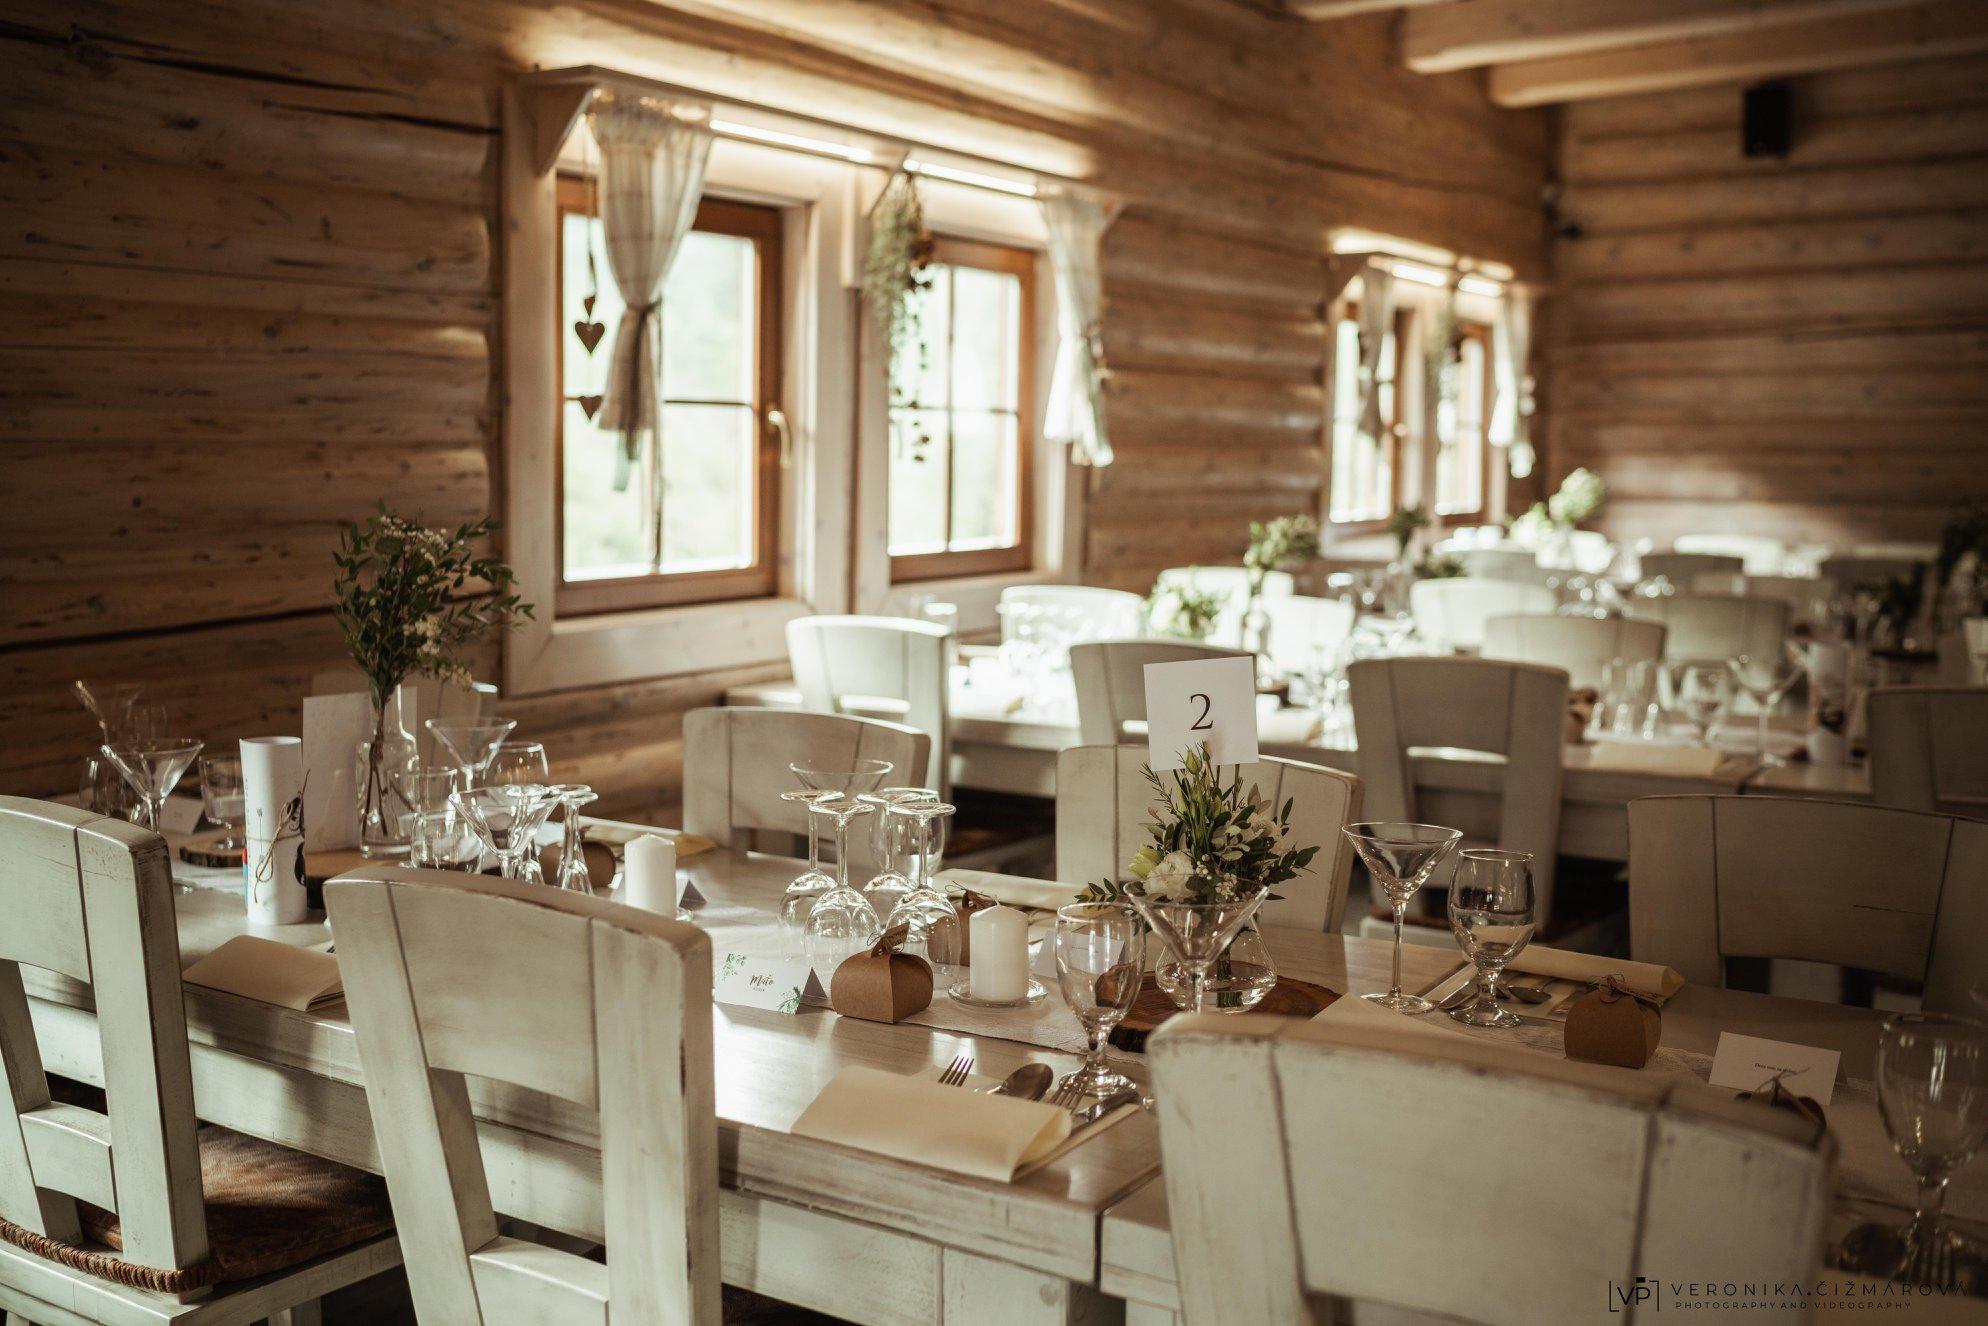 hotel-marlene-svadbajpg